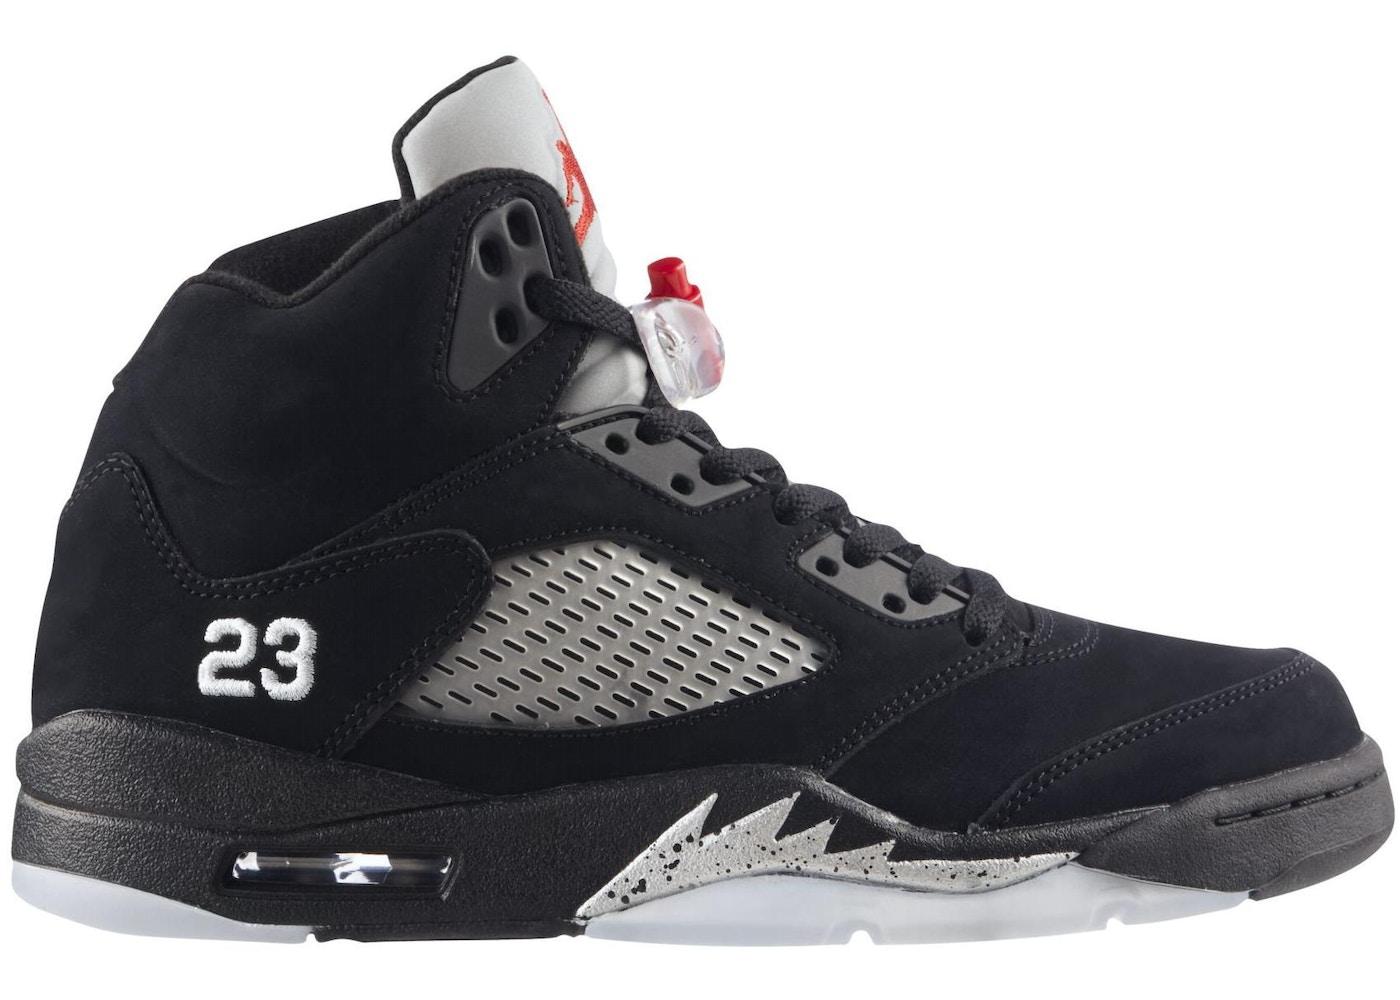 878511203284 Jordan 5 Retro Black Metallic (2011) - 136027-010